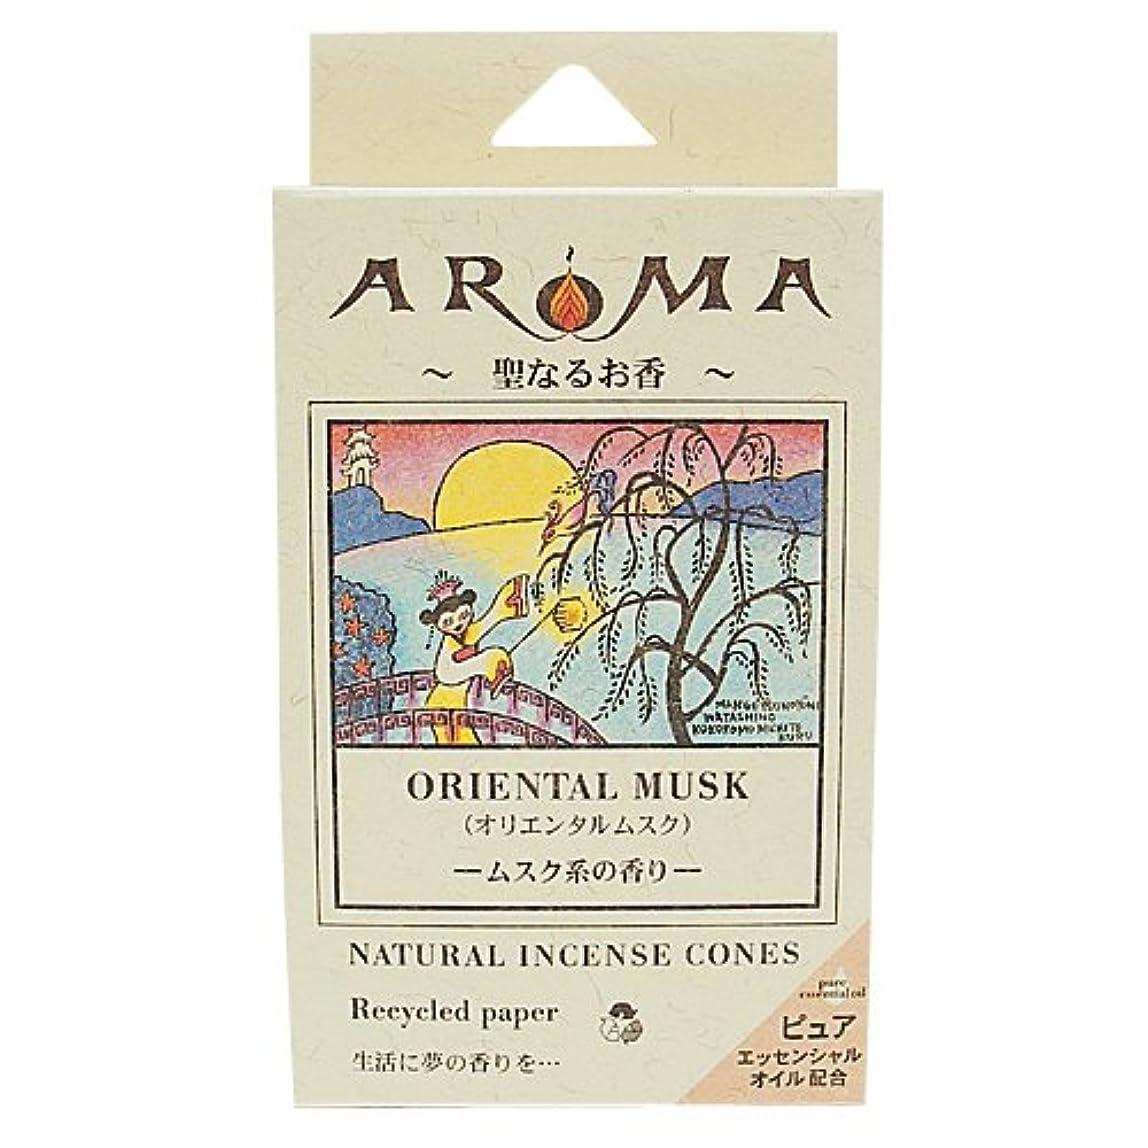 教え印象的な嫌いアロマ香 オリエンタルムスク 16粒(コーンタイプインセンス 1粒の燃焼時間約20分 ムスクの香り)